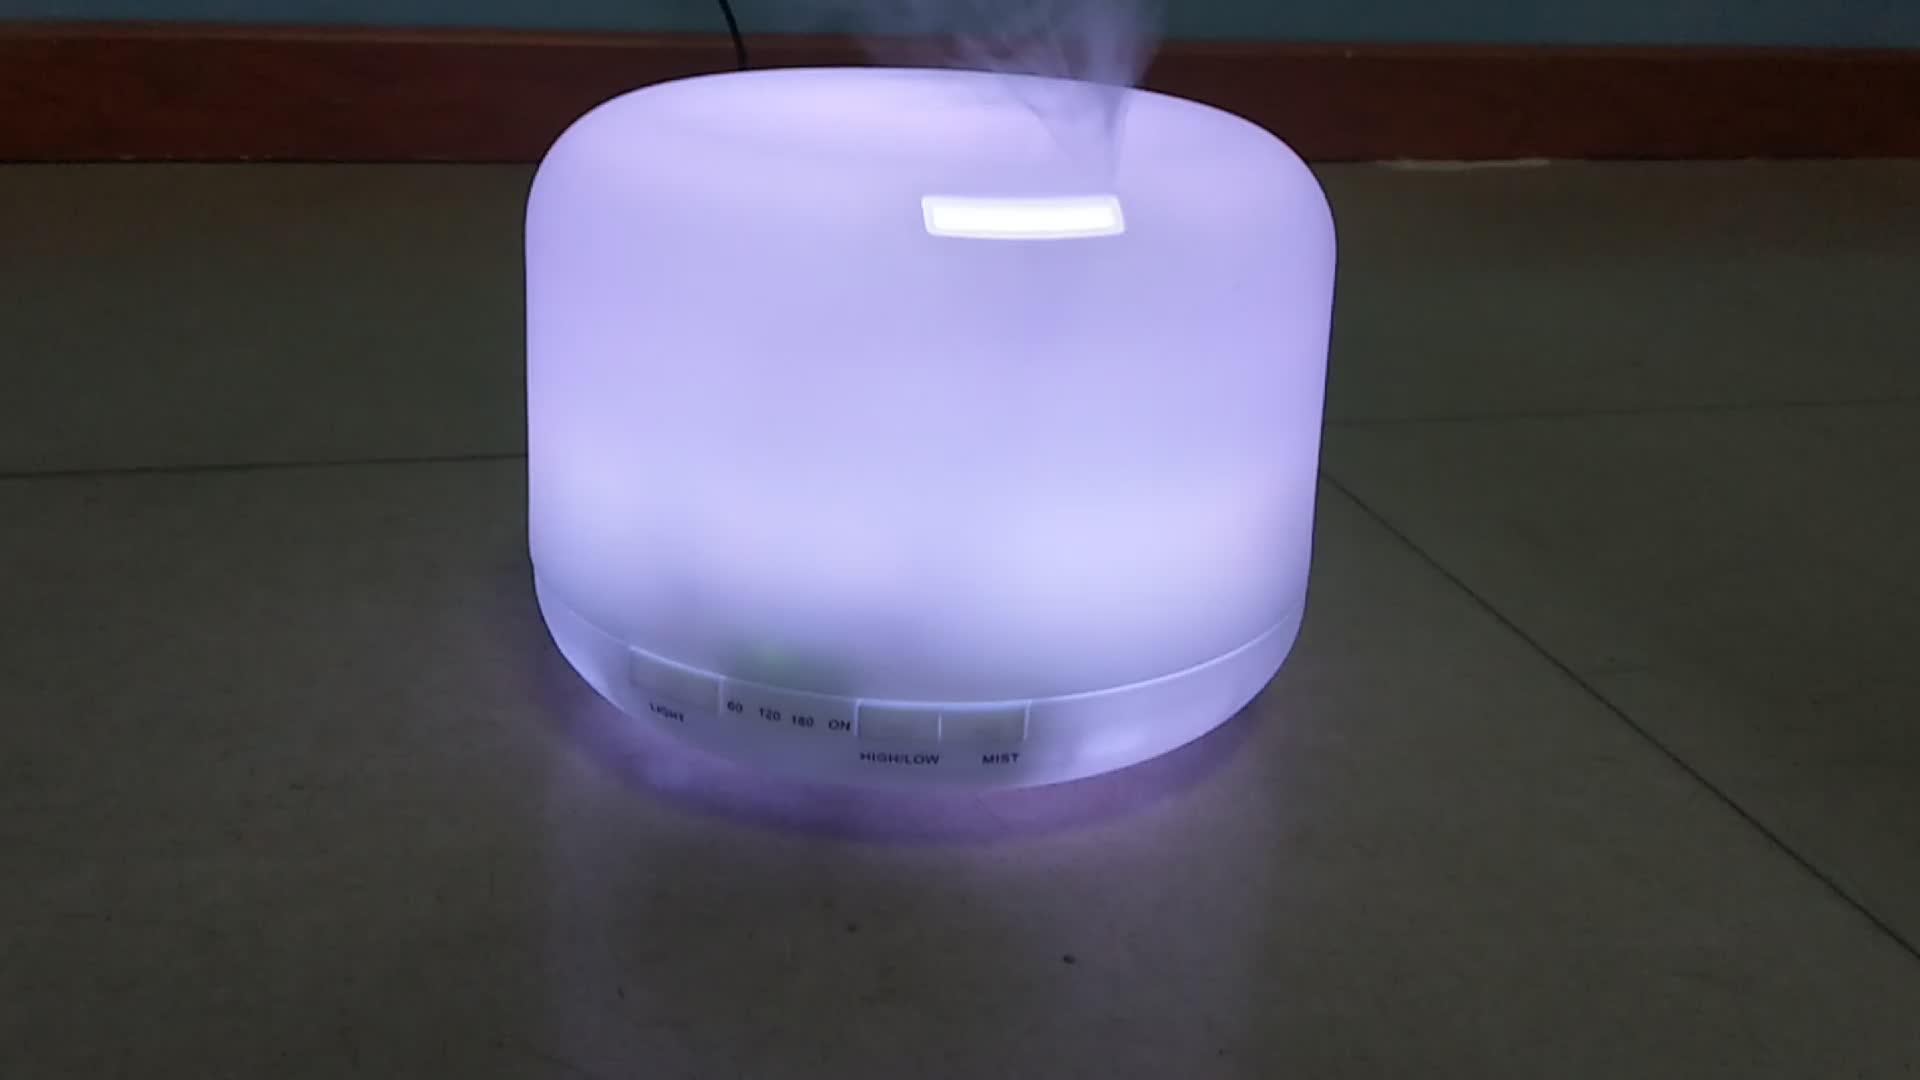 Hot Verkoop Aroma Lucht Essentiële Olie luchtbevochtiger, Ultrasone Houten Graan Difuser, Babykamer Essentie Olie Diffusers